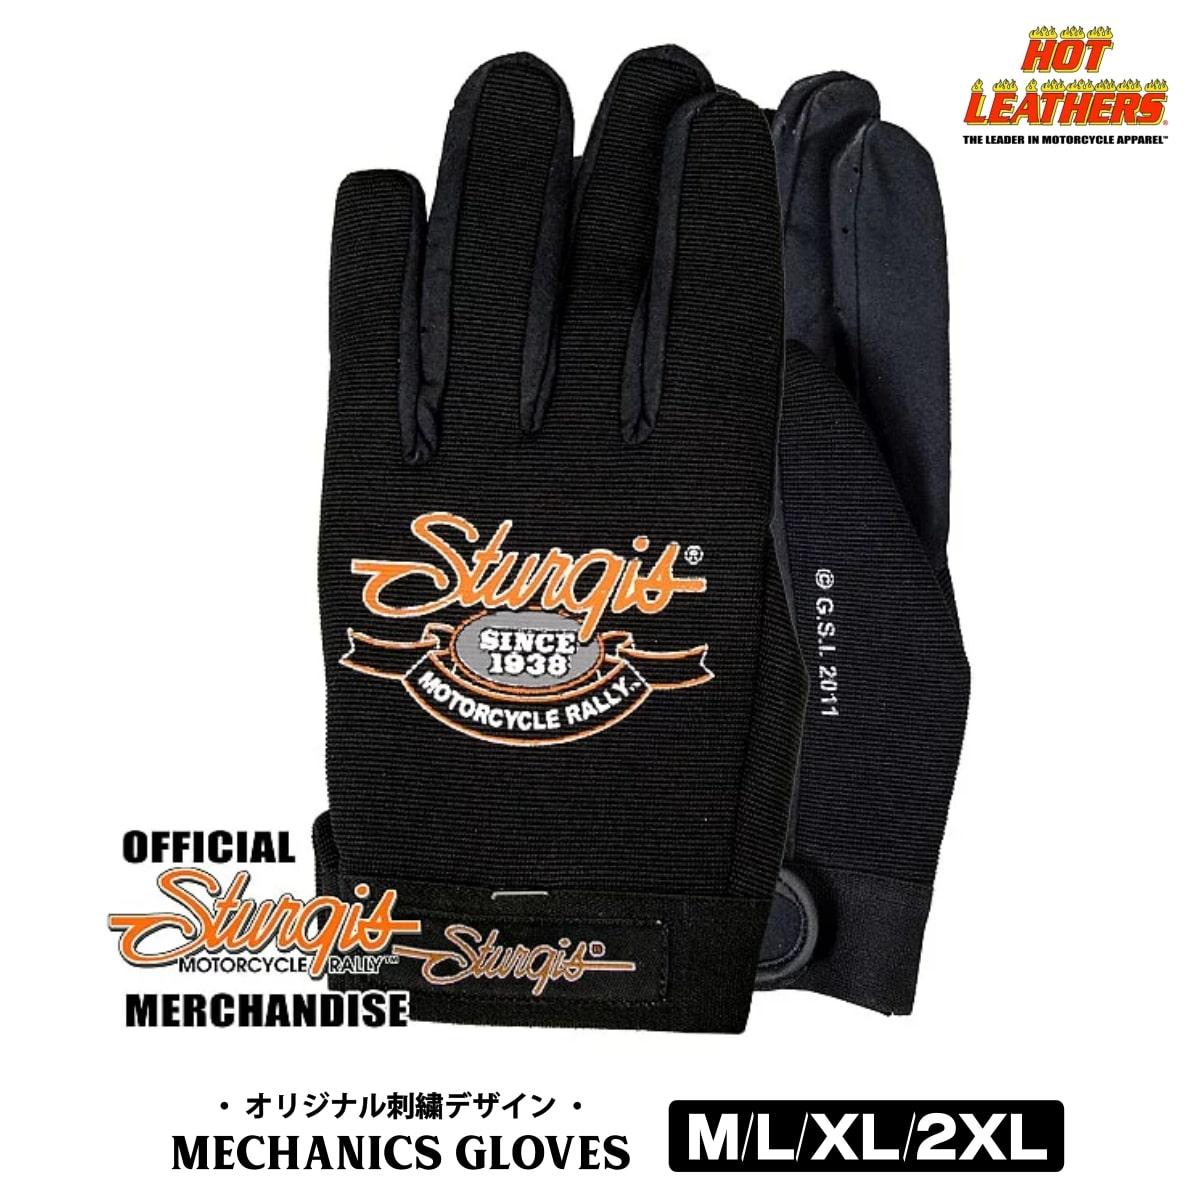 バイクウェア・プロテクター, グローブ ! ! Official Sturgis Motorcycle Rally Mechanics Glove ! ! ! ! ! !